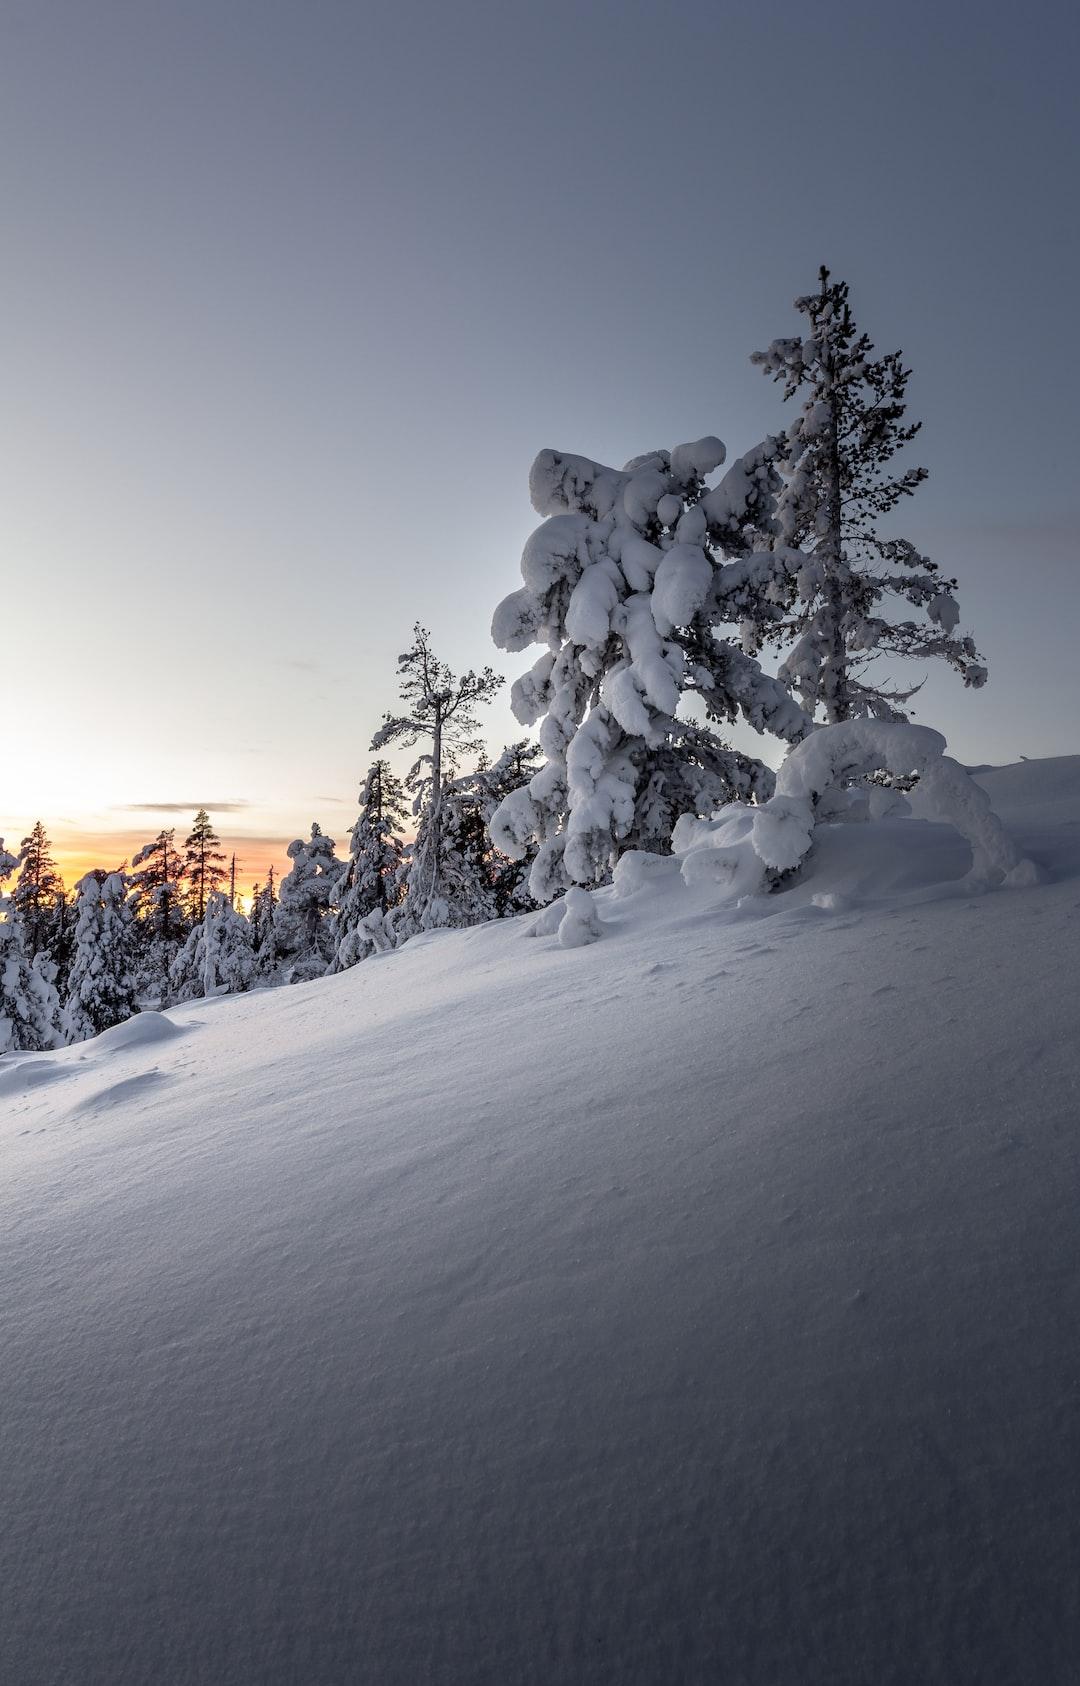 Snow pose